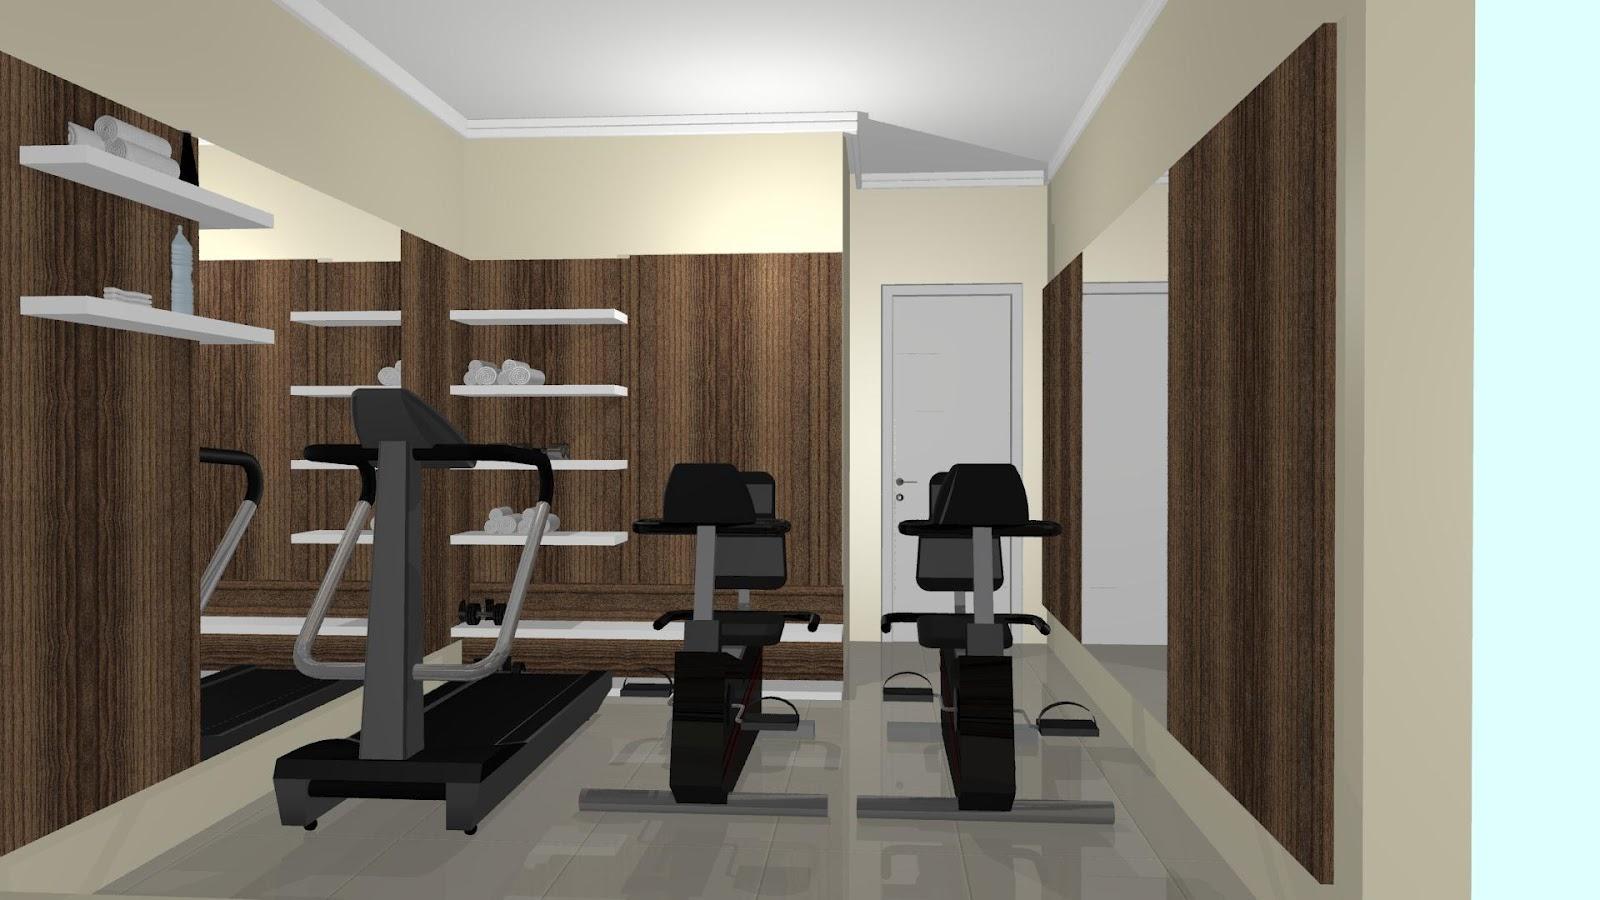 ambientes interiores academia